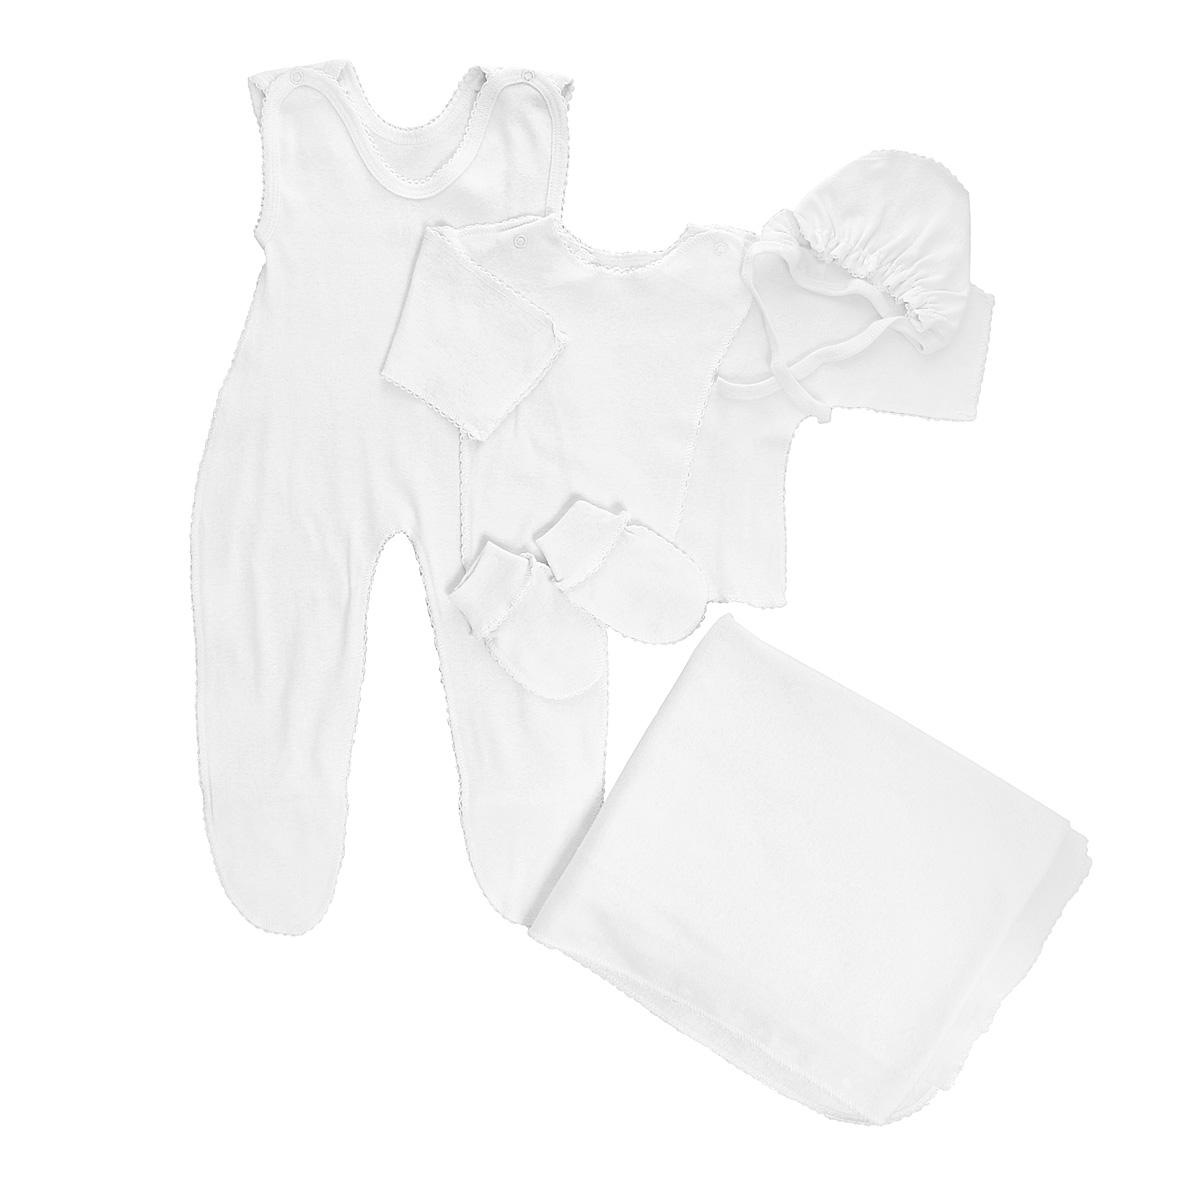 Комплект для новорожденного Трон-Плюс, 5 предметов, цвет: белый. 7127. Размер 62, 3 месяца7127Комплект для новорожденного Трон-плюс - это замечательный подарок, который прекрасно подойдет для первых дней жизни малыша. Комплект состоит из ползунков с грудкой и закрытыми ножками, распашонки, чепчика, рукавичек и пеленки. Комплект изготовлен из натурального хлопка, благодаря чему он необычайно мягкий и приятный на ощупь, не сковывает движения младенца и позволяет коже дышать, не раздражает даже самую нежную и чувствительную кожу ребенка, обеспечивая ему наибольший комфорт. Распашонка с запахом, застегивается при помощи двух кнопок на плечах, которые позволяют без труда переодеть ребенка. Швы выполнены наружу и обработаны ажурными петельками. Ползунки с закрытыми ножками, застегивающиеся сверху на две кнопочки, идеально подойдут вашему ребенку, обеспечивая ему наибольший комфорт. Подходят для ношения с подгузником и без него. Мягкий чепчик с завязочками защищает еще не заросший родничок, щадит чувствительный слух малыша, прикрывая ушки, и предохраняет от теплопотерь. Дополнен чепчик мягкой эластичной сборкой. Рукавички обеспечат вашему малышу комфорт во время сна и бодрствования, предохраняя нежную кожу новорожденного от расцарапывания. Они дополнены широкой эластичной резинкой. Пеленка станет незаменимым помощником в деле ухода за ребенком. Элементы набора выполнены швами наружу и оформлены ажурными петельками. В таком комплекте ваш малыш будет чувствовать себя комфортно, уютно и всегда будет в центре внимания!